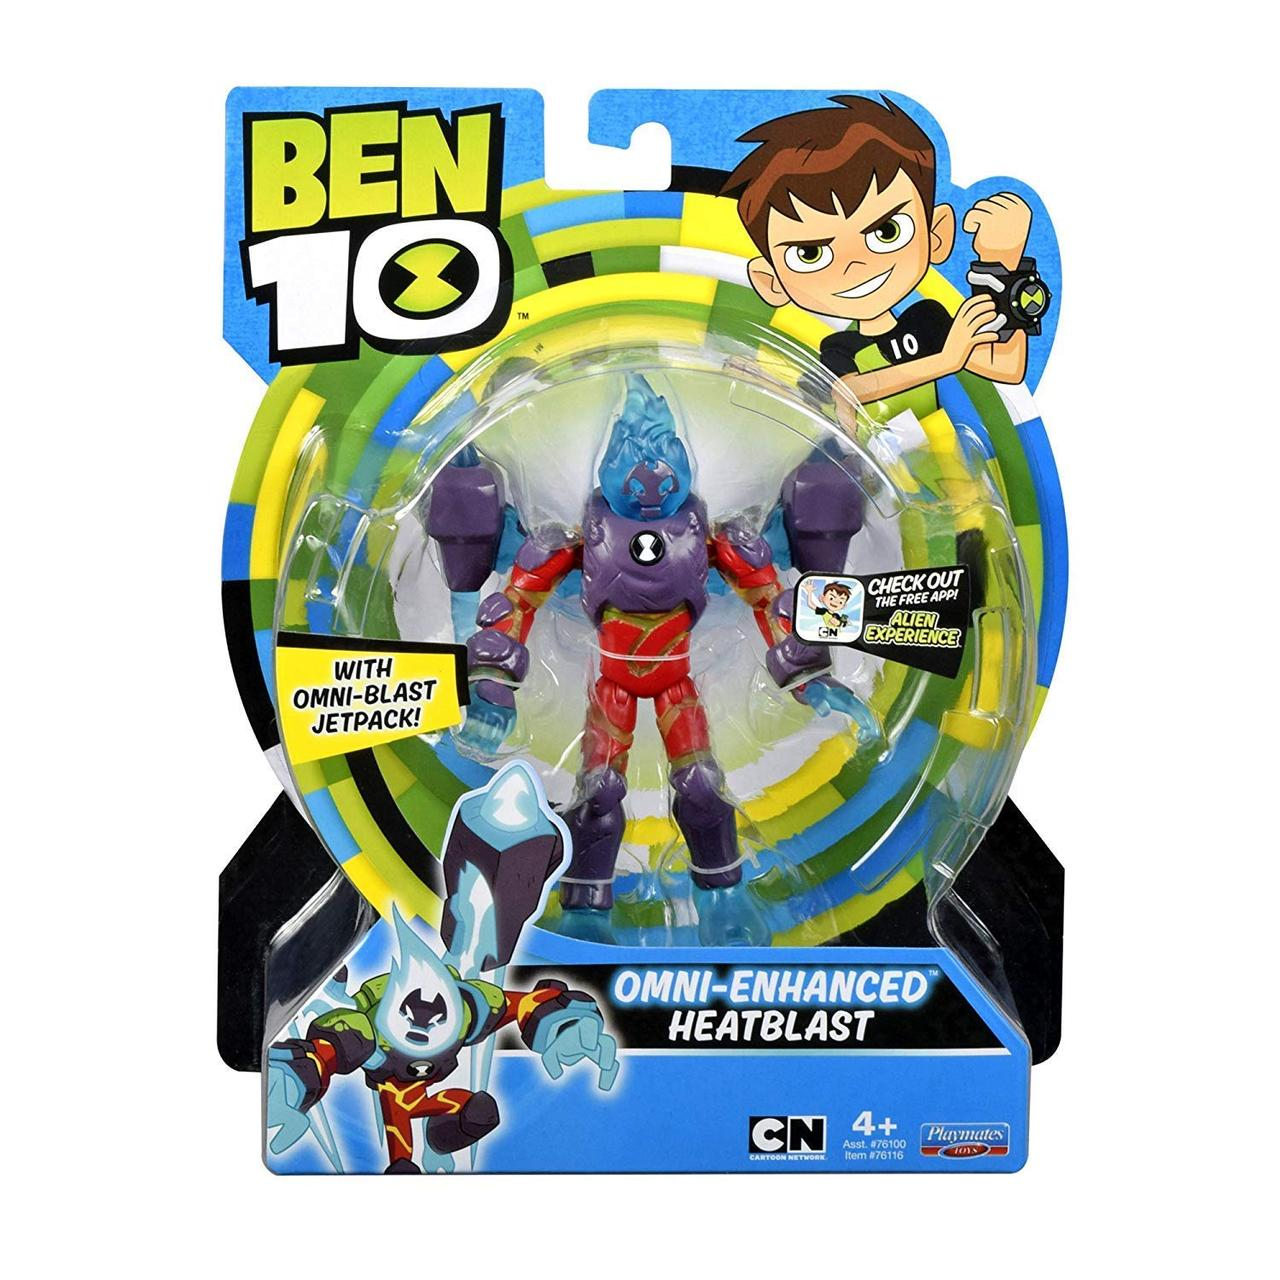 Фигурка Бен 10 Человек-огонь, омни-усиленный  Ben 10 Omni Enhanced Heat Blast Оригинал